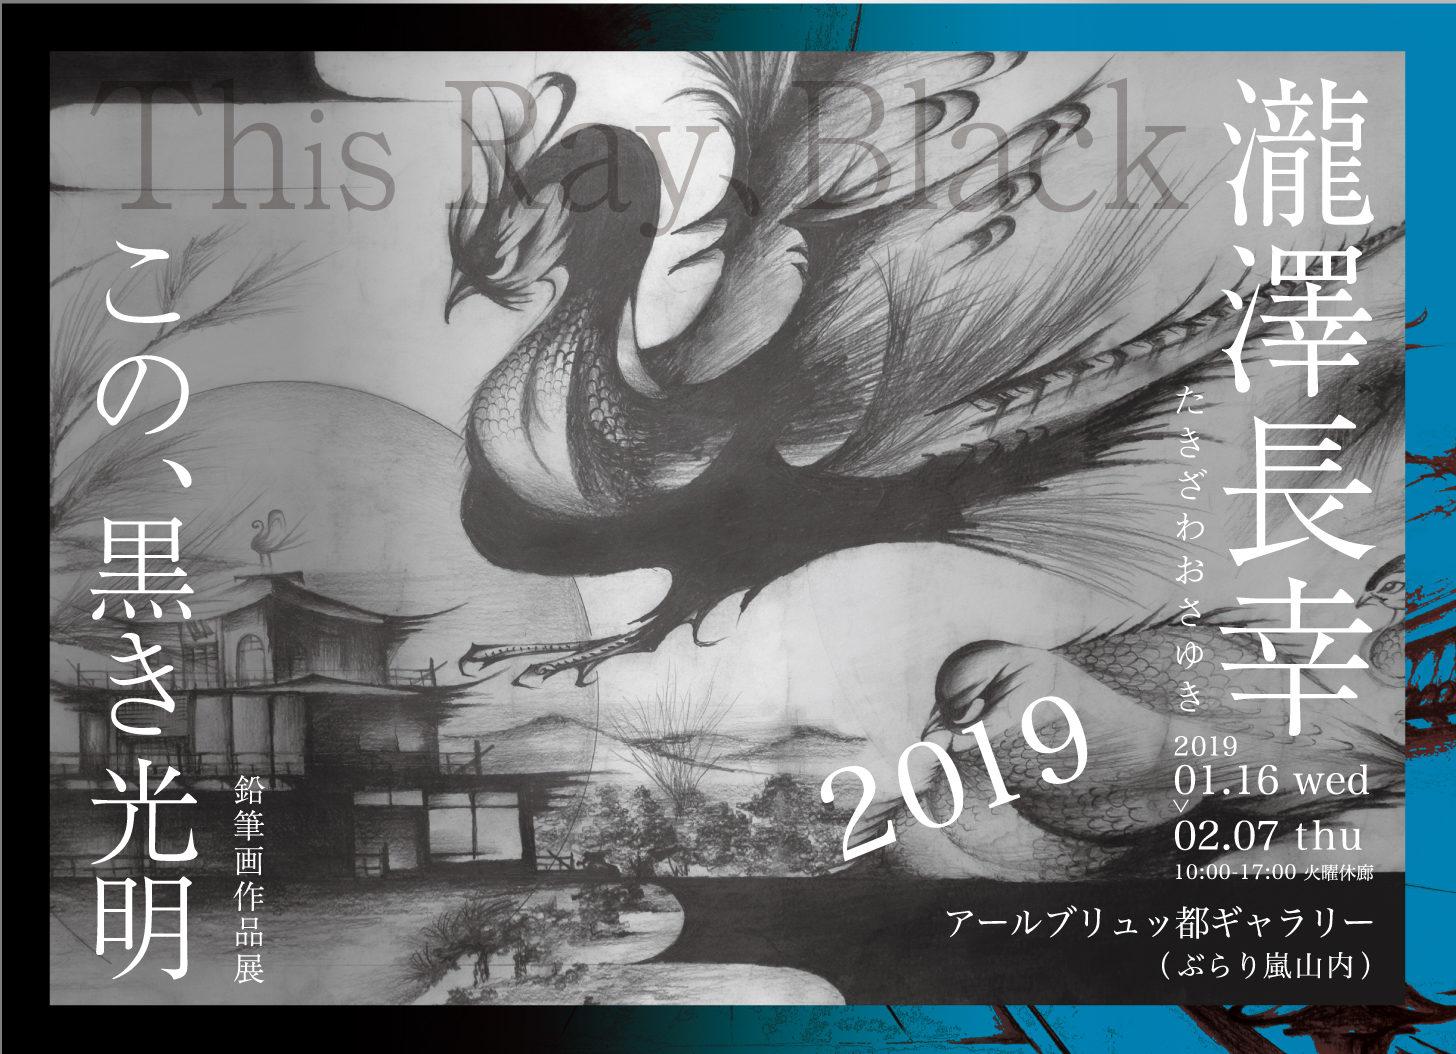 瀧澤長幸 展「この、黒き光明 2019」